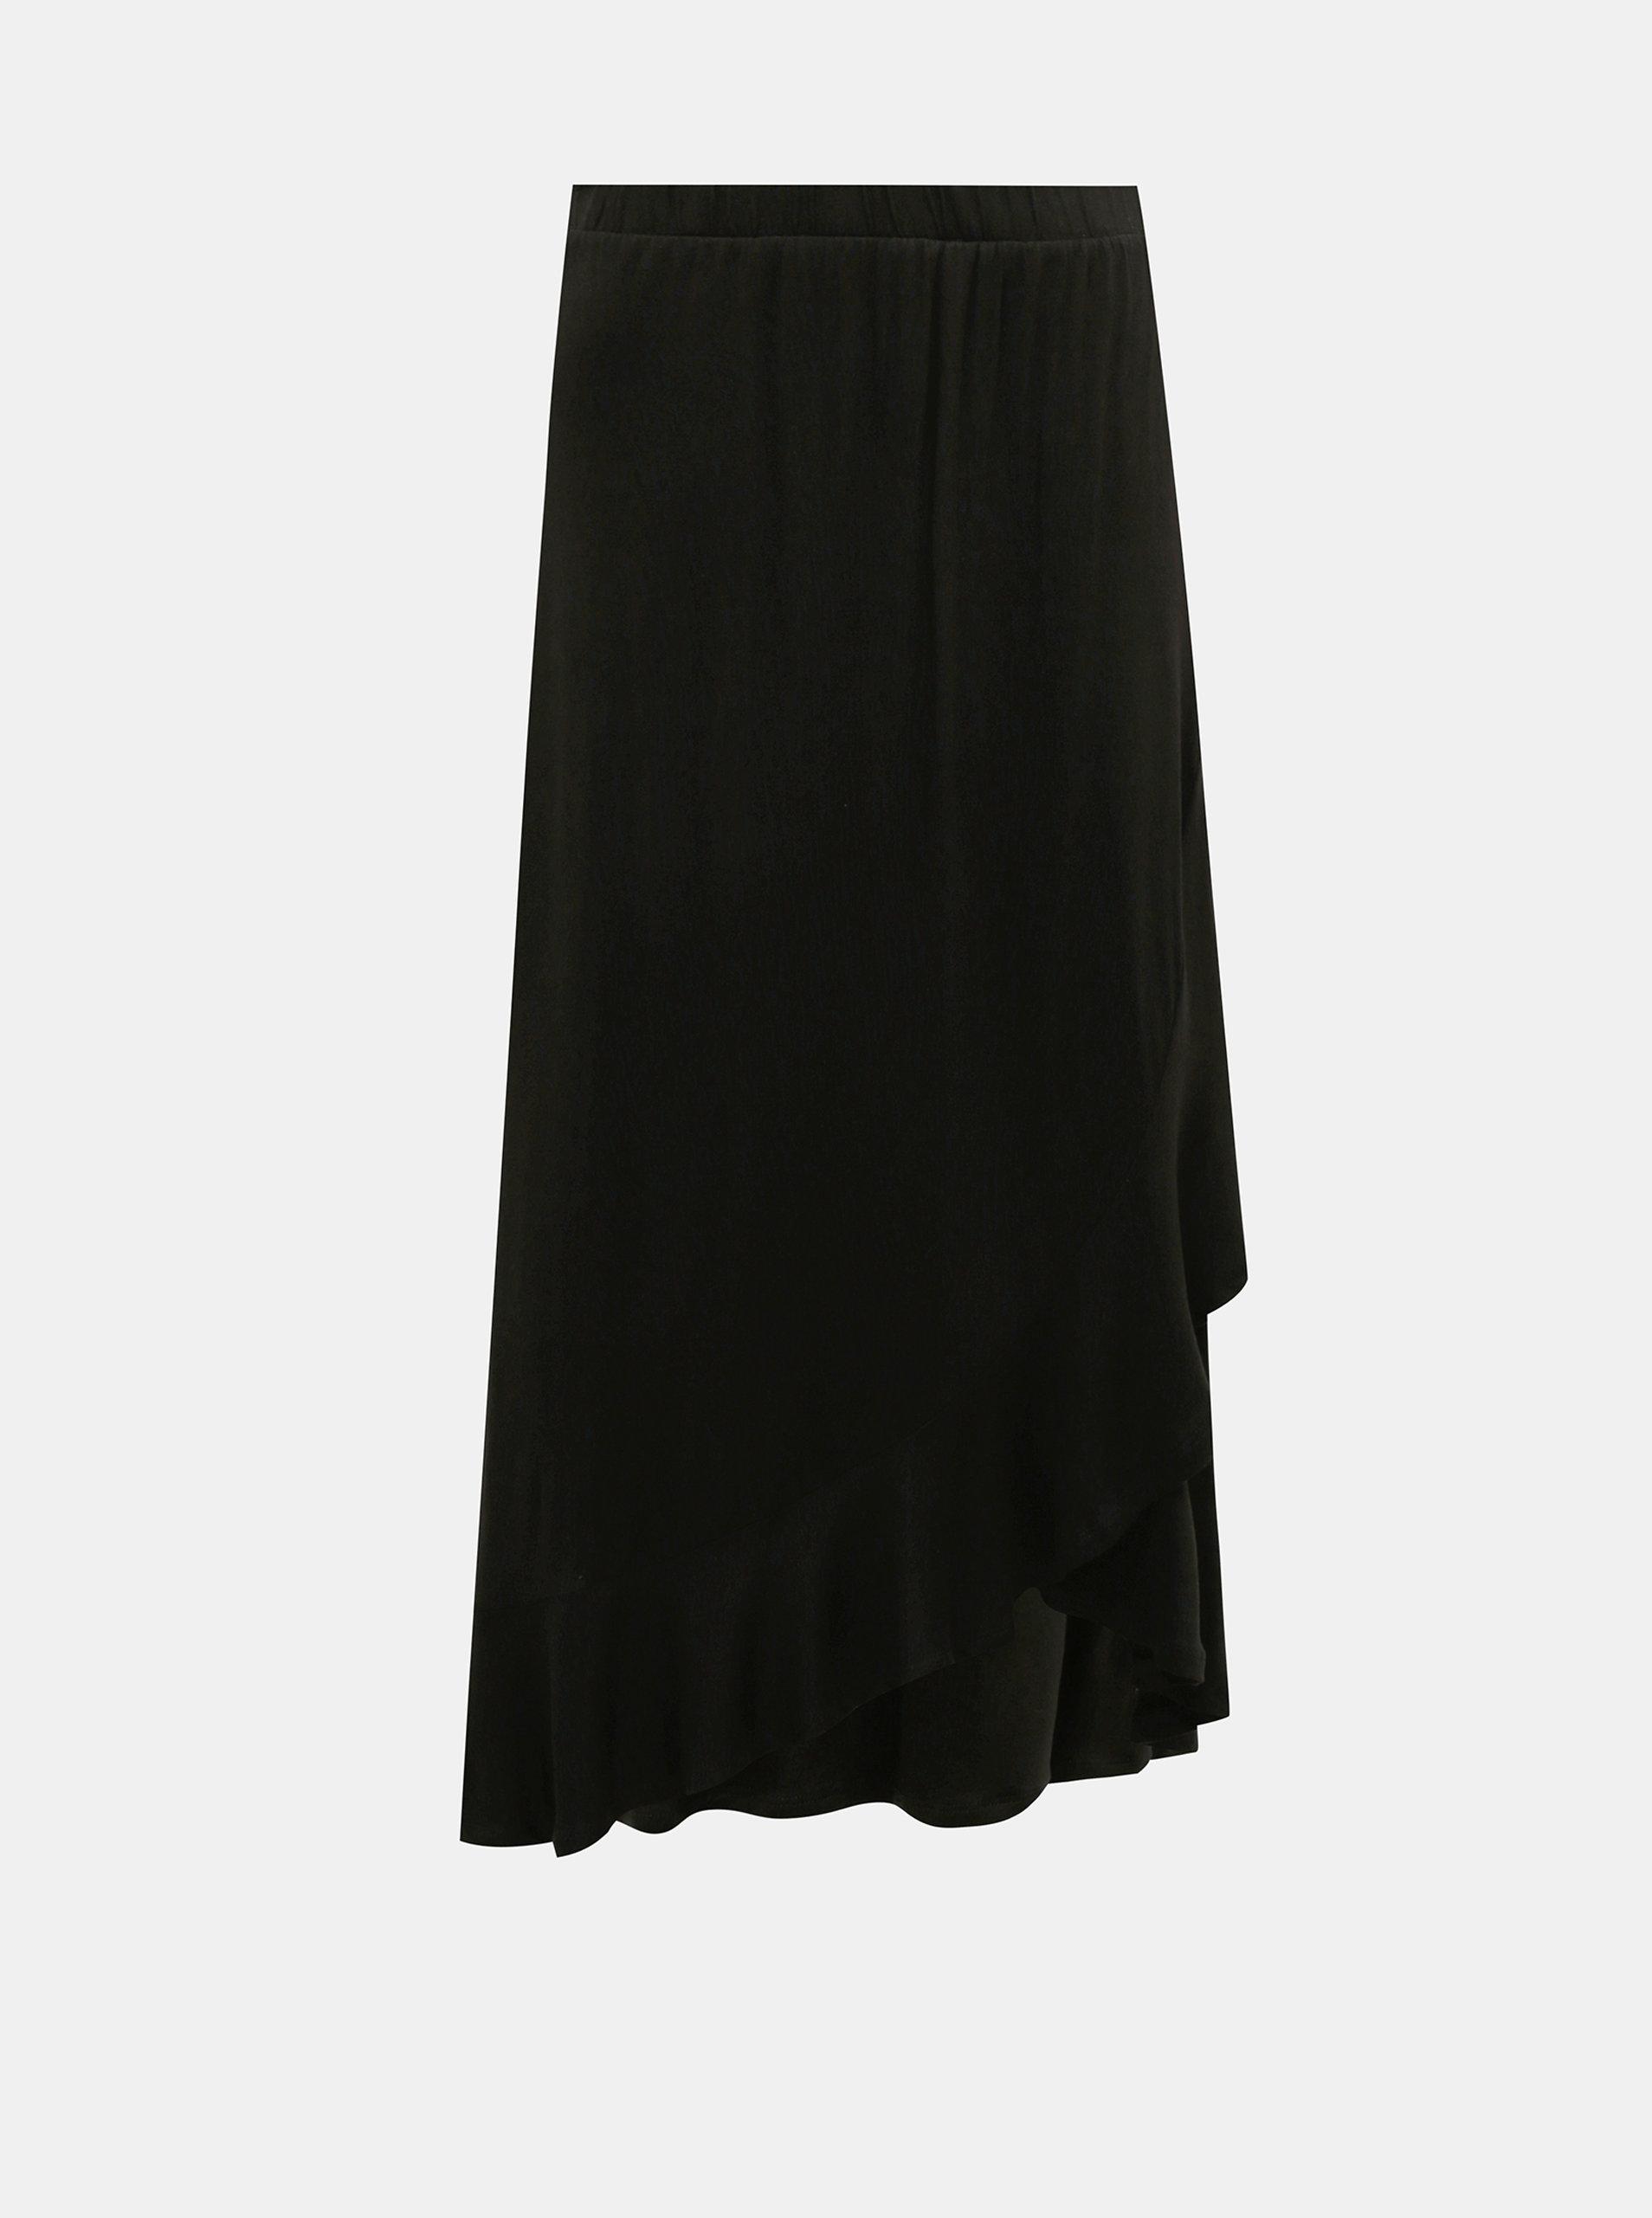 Černá zavinovací maxi sukně Jacqueline de Yong Fantorini